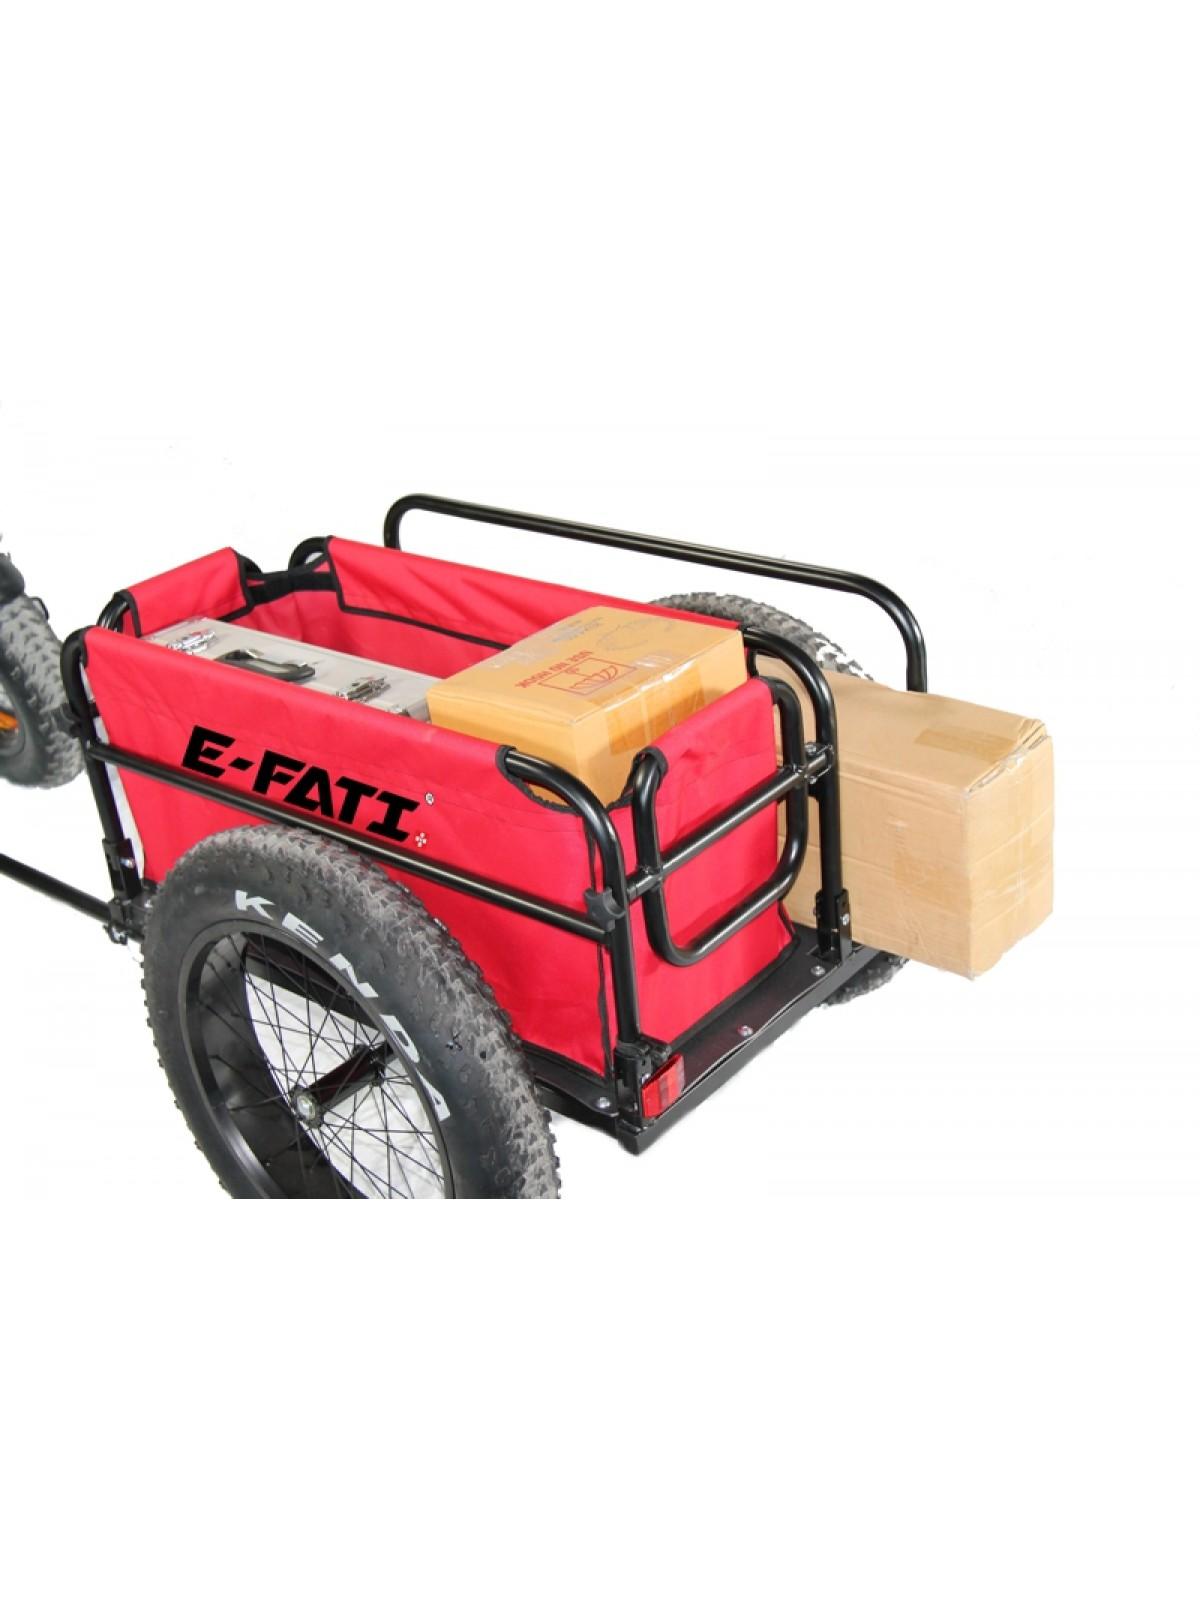 Trailer fat 2 wheels